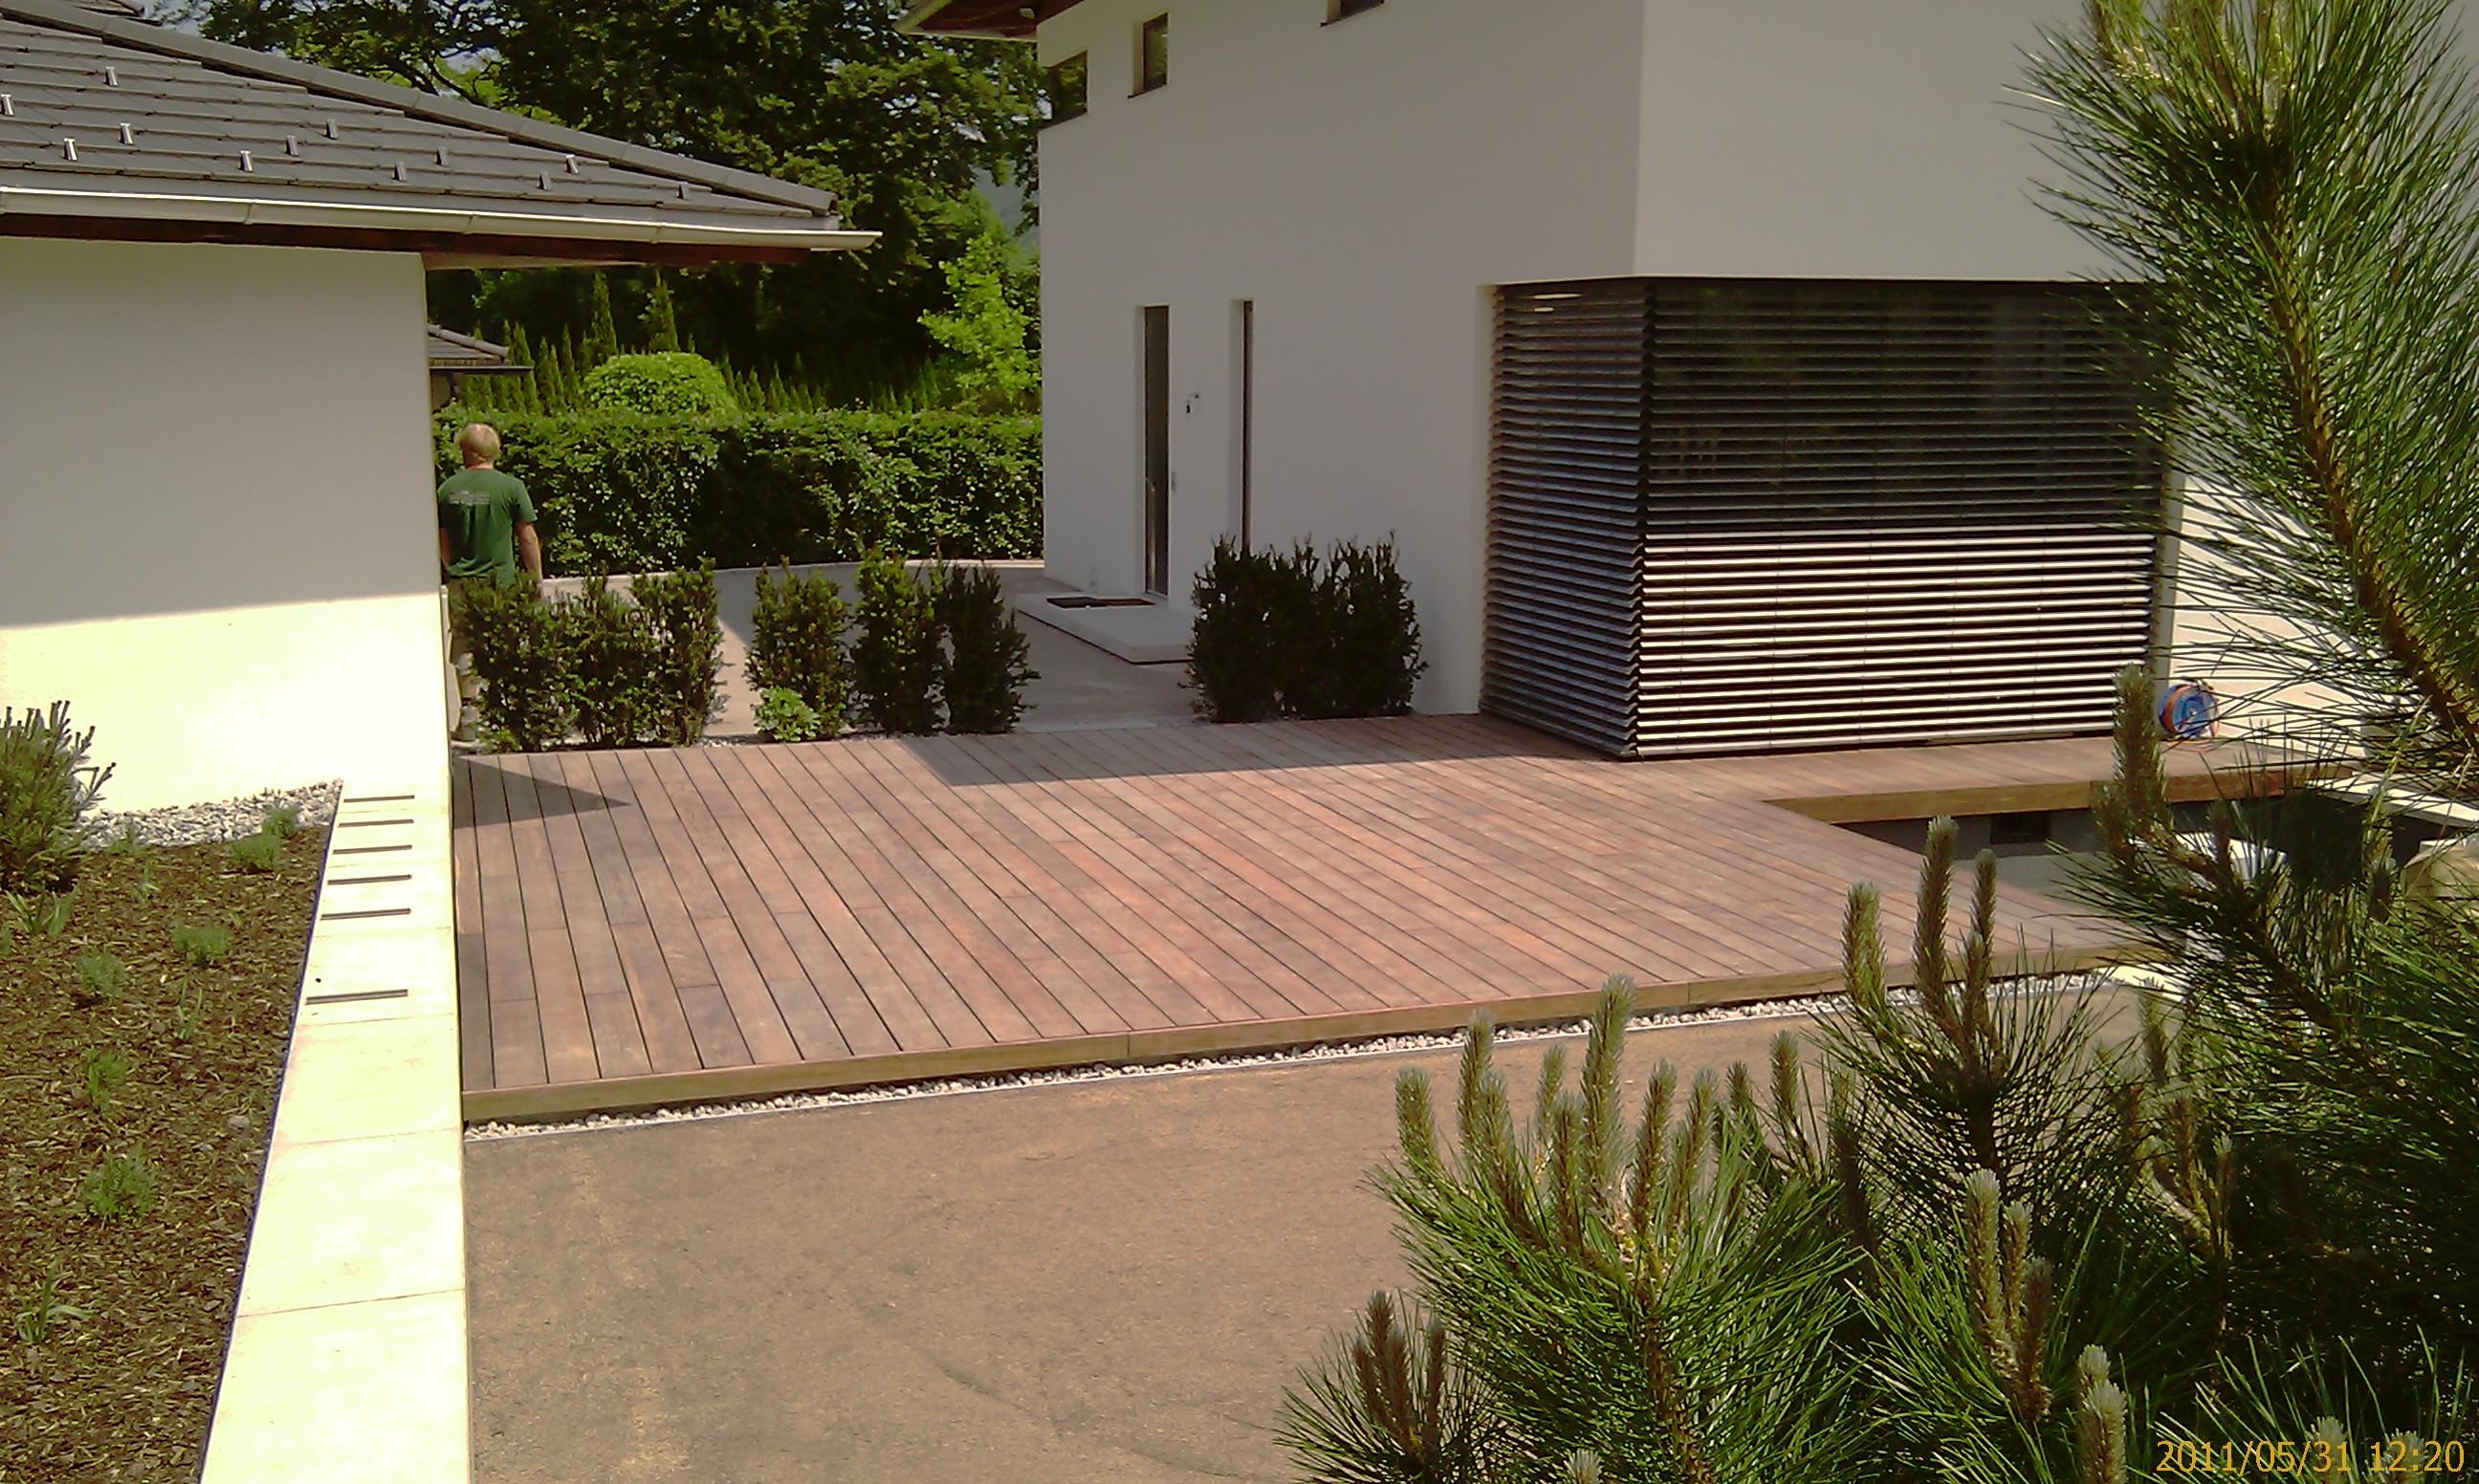 terrassenbelag ihr schreiner in f rstenfeldbruck ist der familienbetrieb prahl. Black Bedroom Furniture Sets. Home Design Ideas